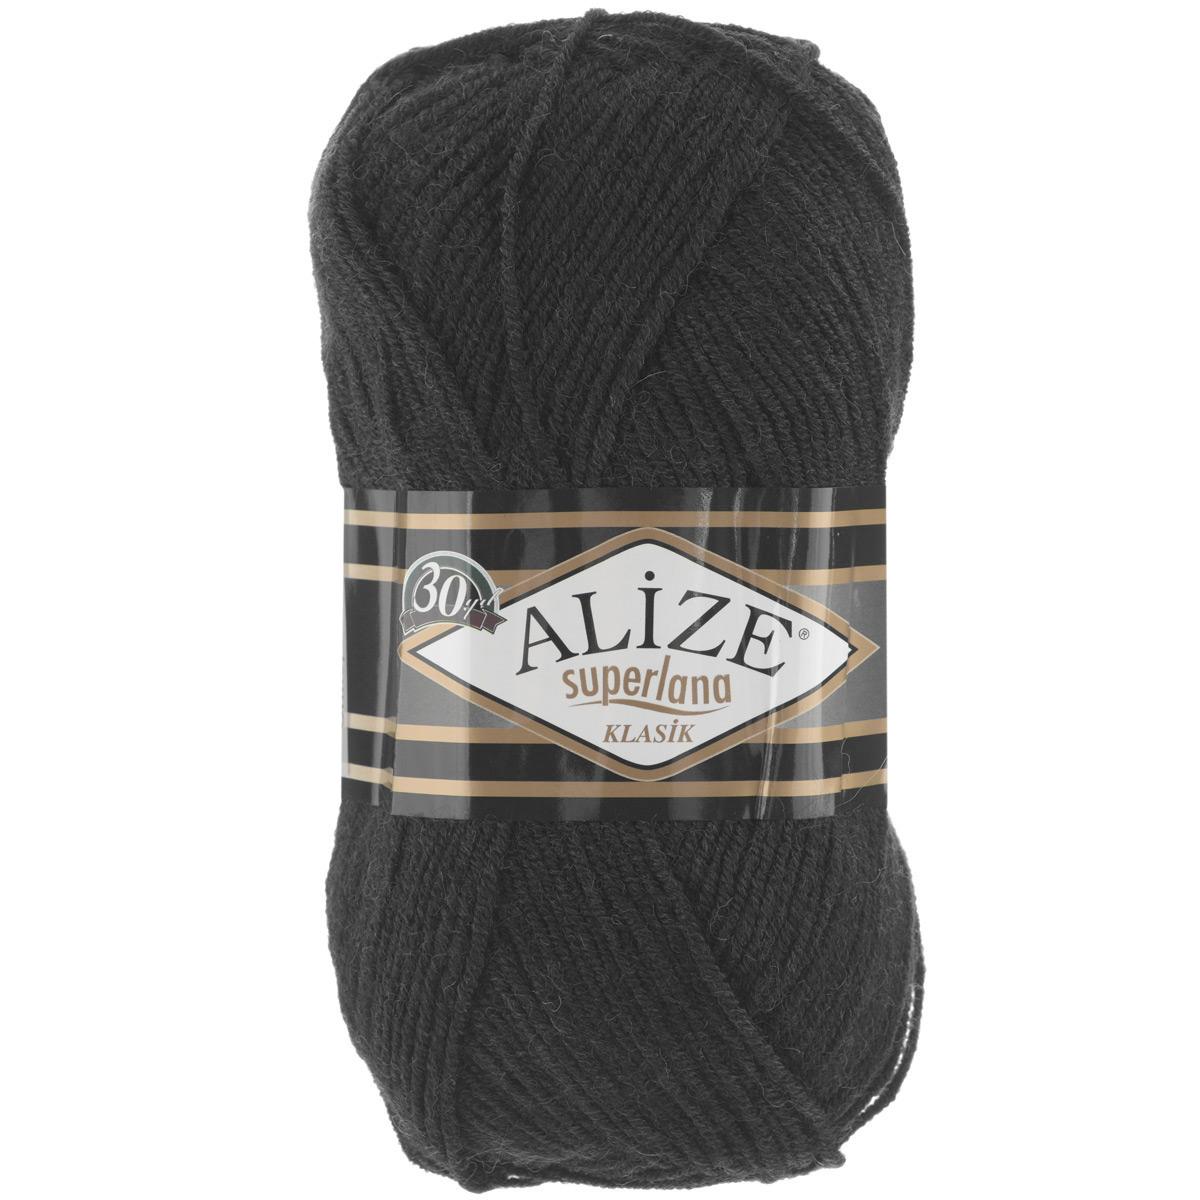 Пряжа для вязания Alize Superlana Klasik, цвет: черный (60), 280 м, 100 г, 5 шт692917_60Классическая пряжа Alize Superlana Klasik имеет среднюю толщину нити и состоит из 25% шерсти и 75% акрила. Подходит для создания вещей на осень. Пуловеры, платья, кардиганы, шапки и шарфы из этой пряжи отлично держат форму и прекрасно согреют вас в холодную погоду. Пряжа Alize Superlana Klasik - это универсальность: подойдет для мастериц различного уровня. Благодаря составу и скрутке петли отлично ложатся одна к другой, вязаное полотно получается ровное и однородное. Рассчитана на любой уровень мастерства, но особенно понравится начинающим мастерицам - благодаря толстой нити пряжа Alize Superlana Klasik позволяет быстро связать простую вещь. Структура и состав пряжи максимально комфортны для вязания. Рекомендуется для вязания крючком и на спицах 3-4 мм. Состав: 75% акрил, 25% шерсть. Количество мотков: 5 шт.